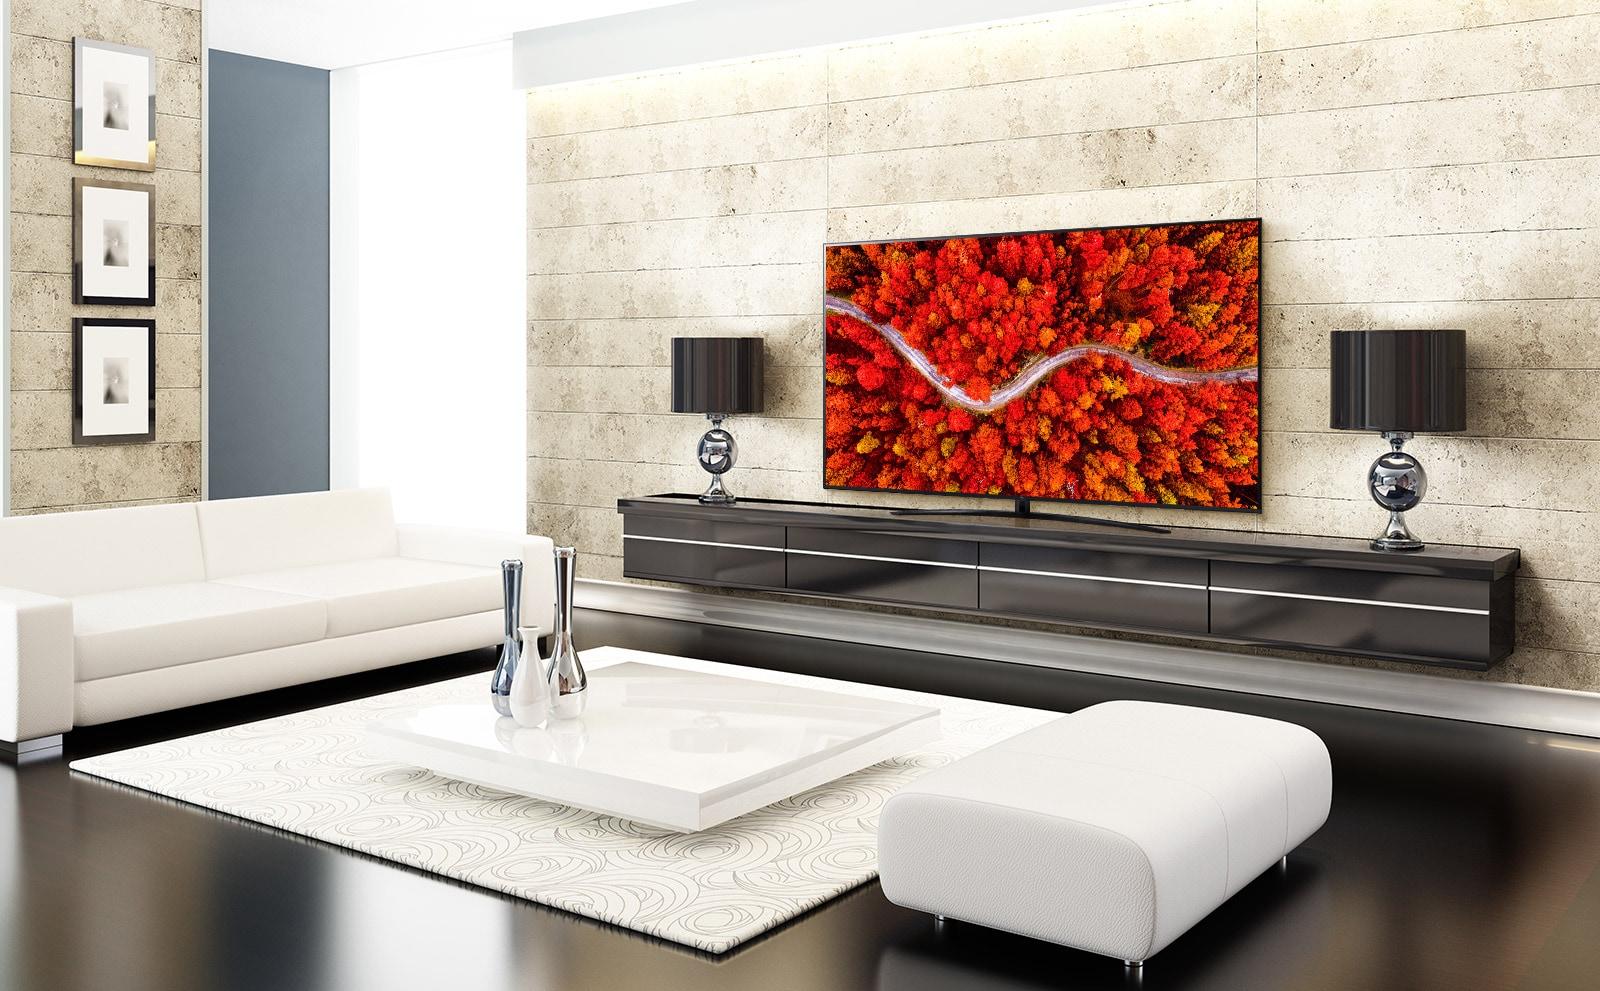 Ruang tamu mewah dilengkapi TV yang menanyangkan pemandangan udara dari hutan berwarna merah.